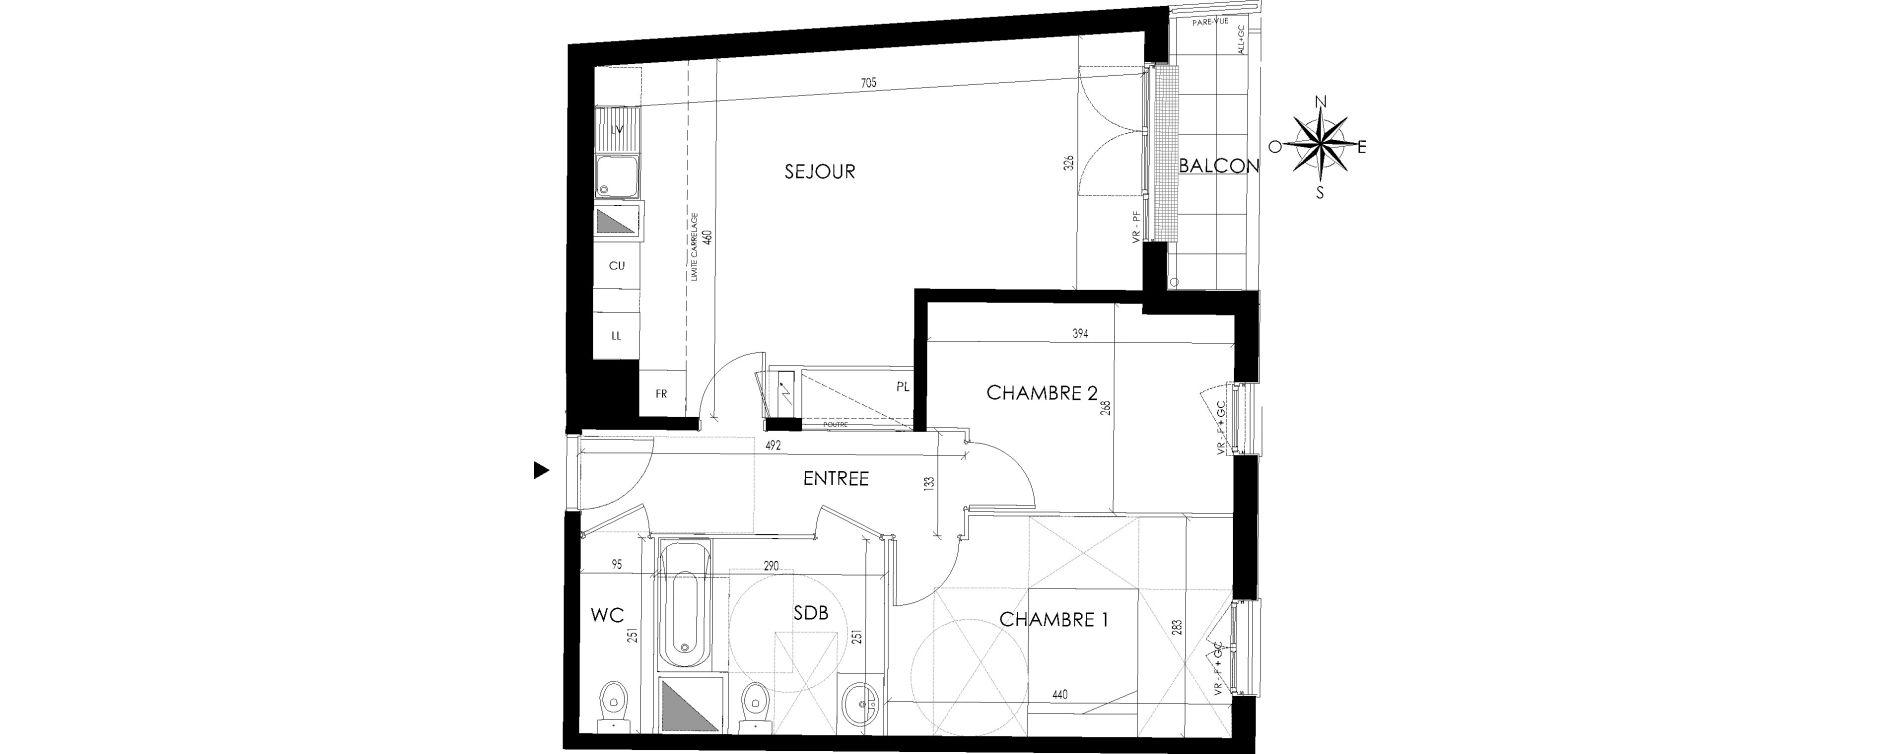 Appartement T3 de 64,98 m2 à Maisons-Laffitte Centre